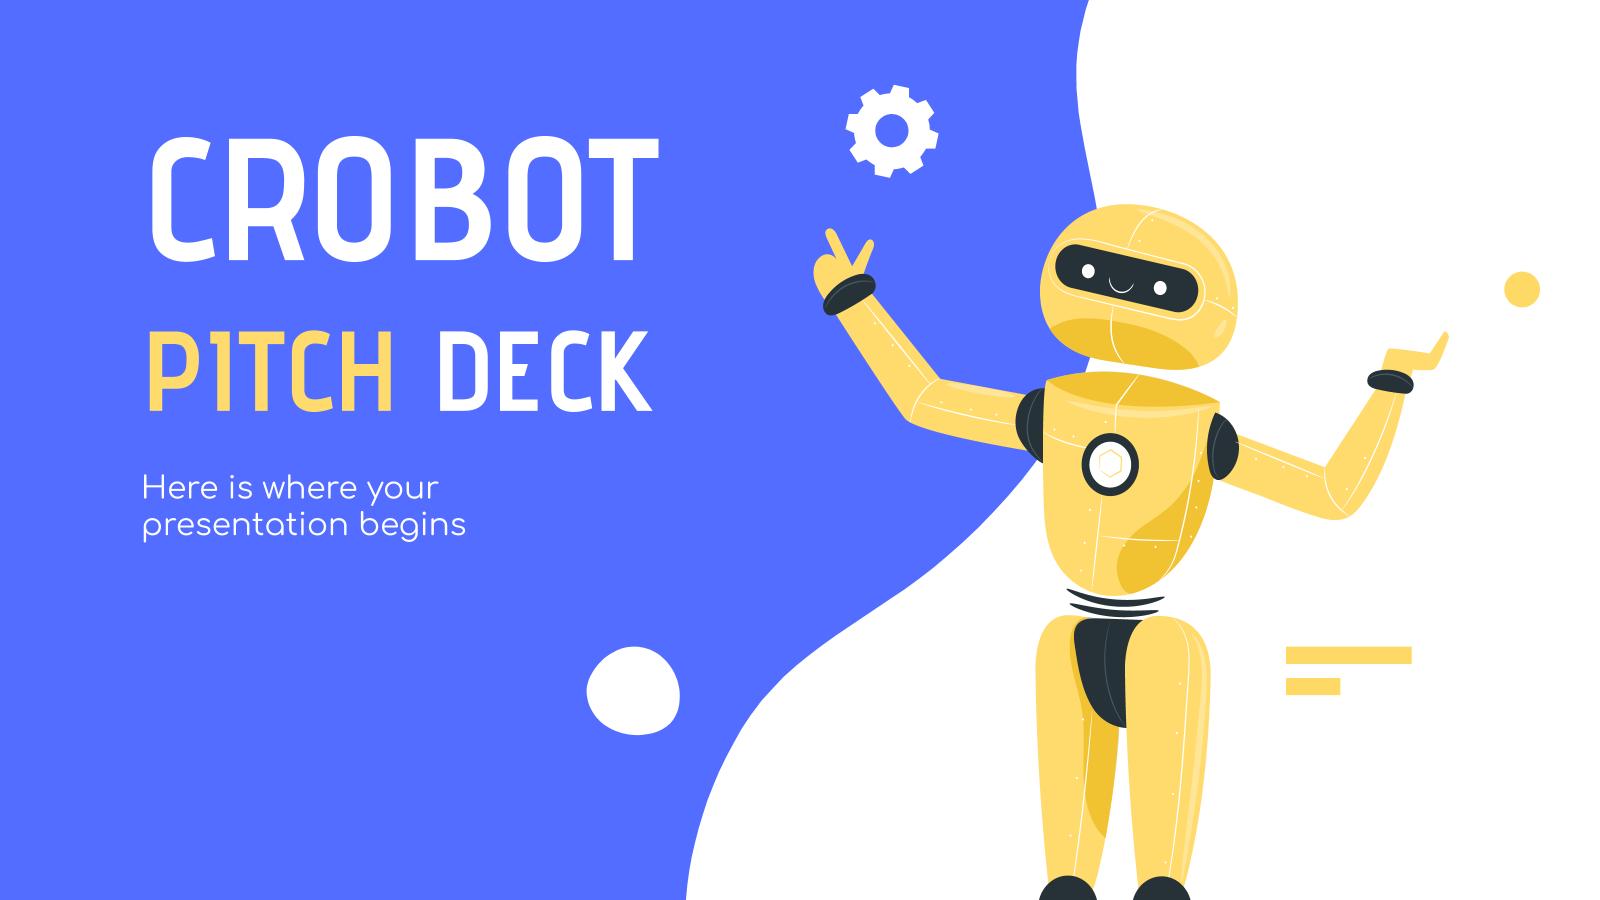 Plantilla de presentación Pitch deck Crobot